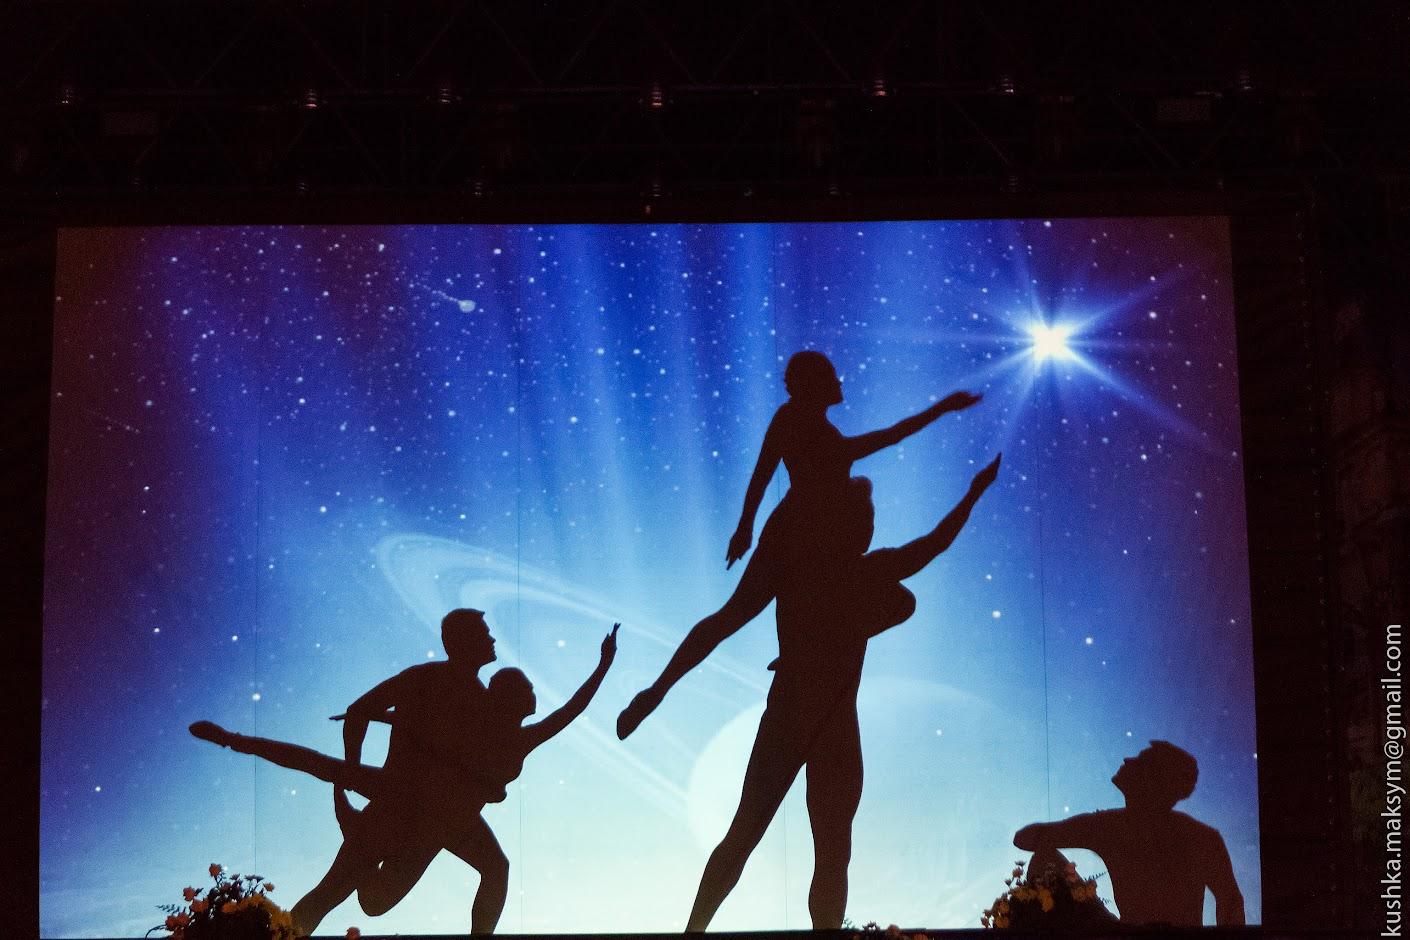 Ніч Європи: гра світла й тіні, музейні скарби та запальний джаз